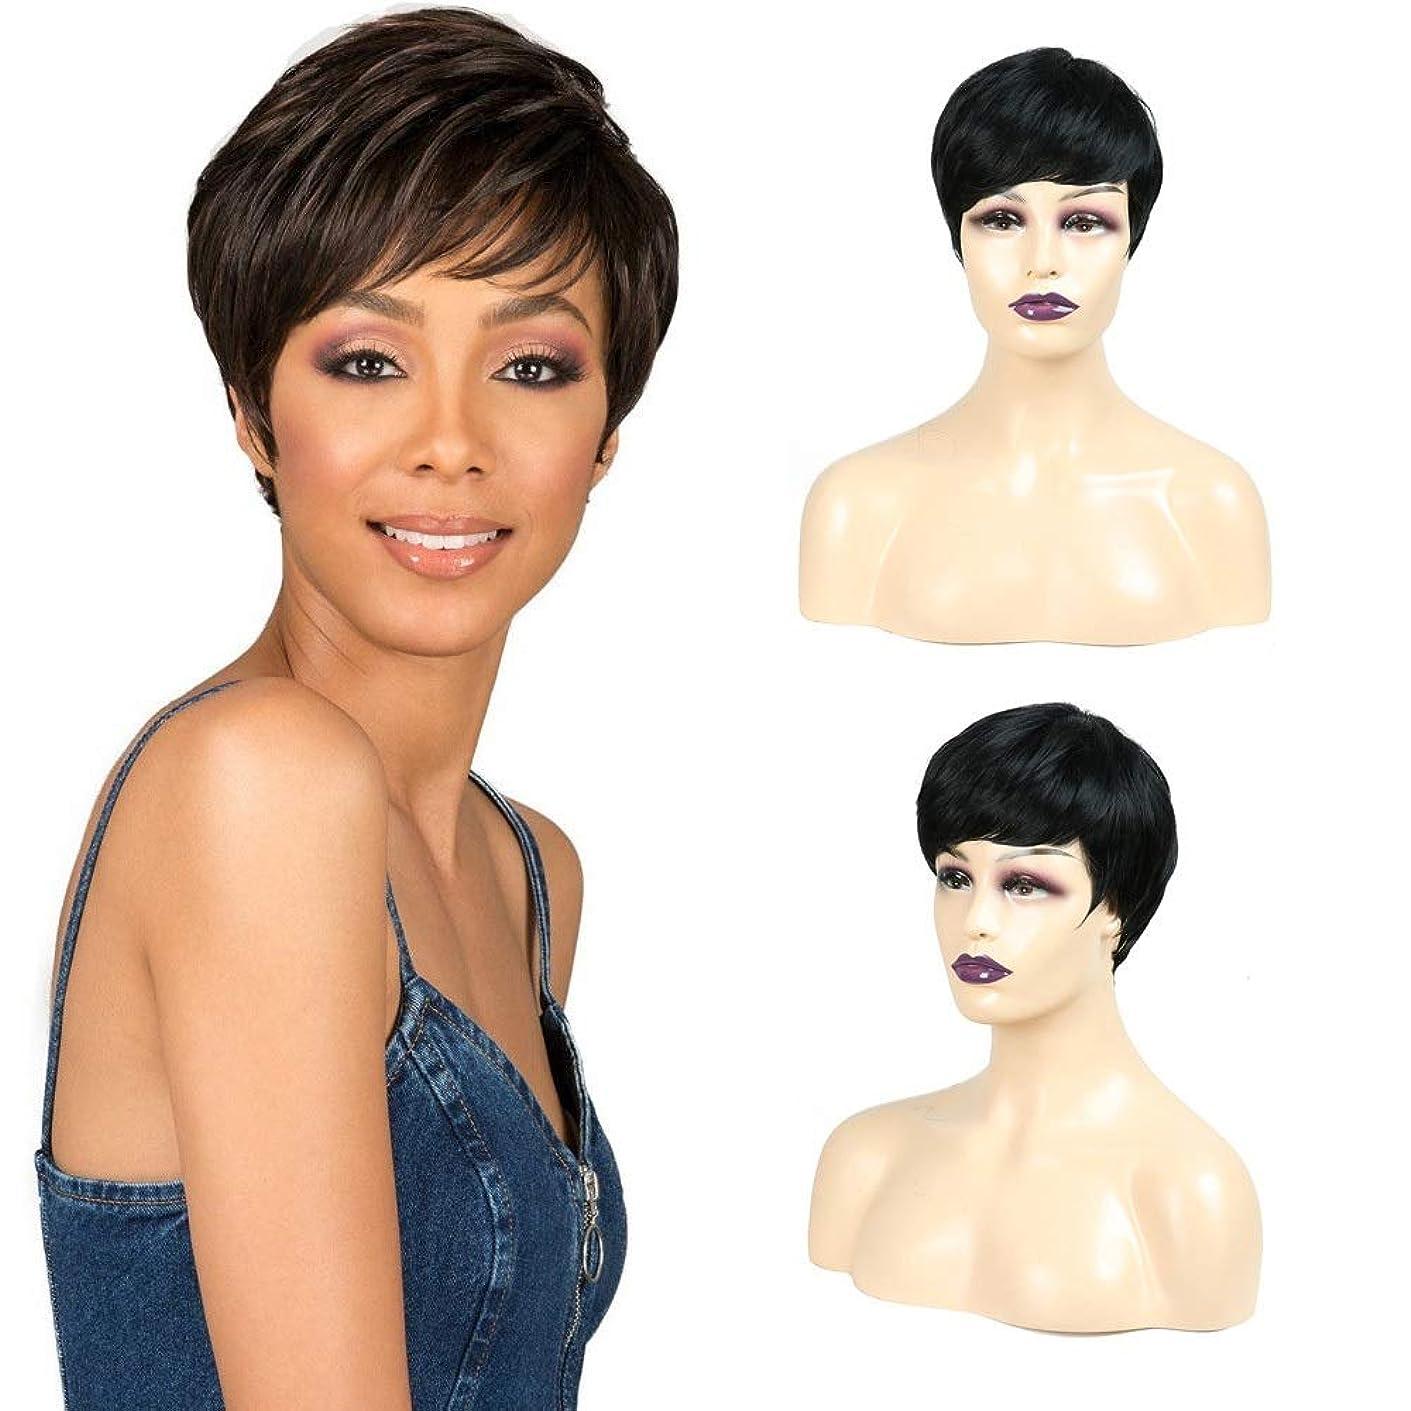 次インスタンス泥だらけBOBIDYEE レディースショートストレートブラック人工毛ウィッグで上品なボブスタイルサイドパート髪の毎日の服装のかつら (Color : ブラック)